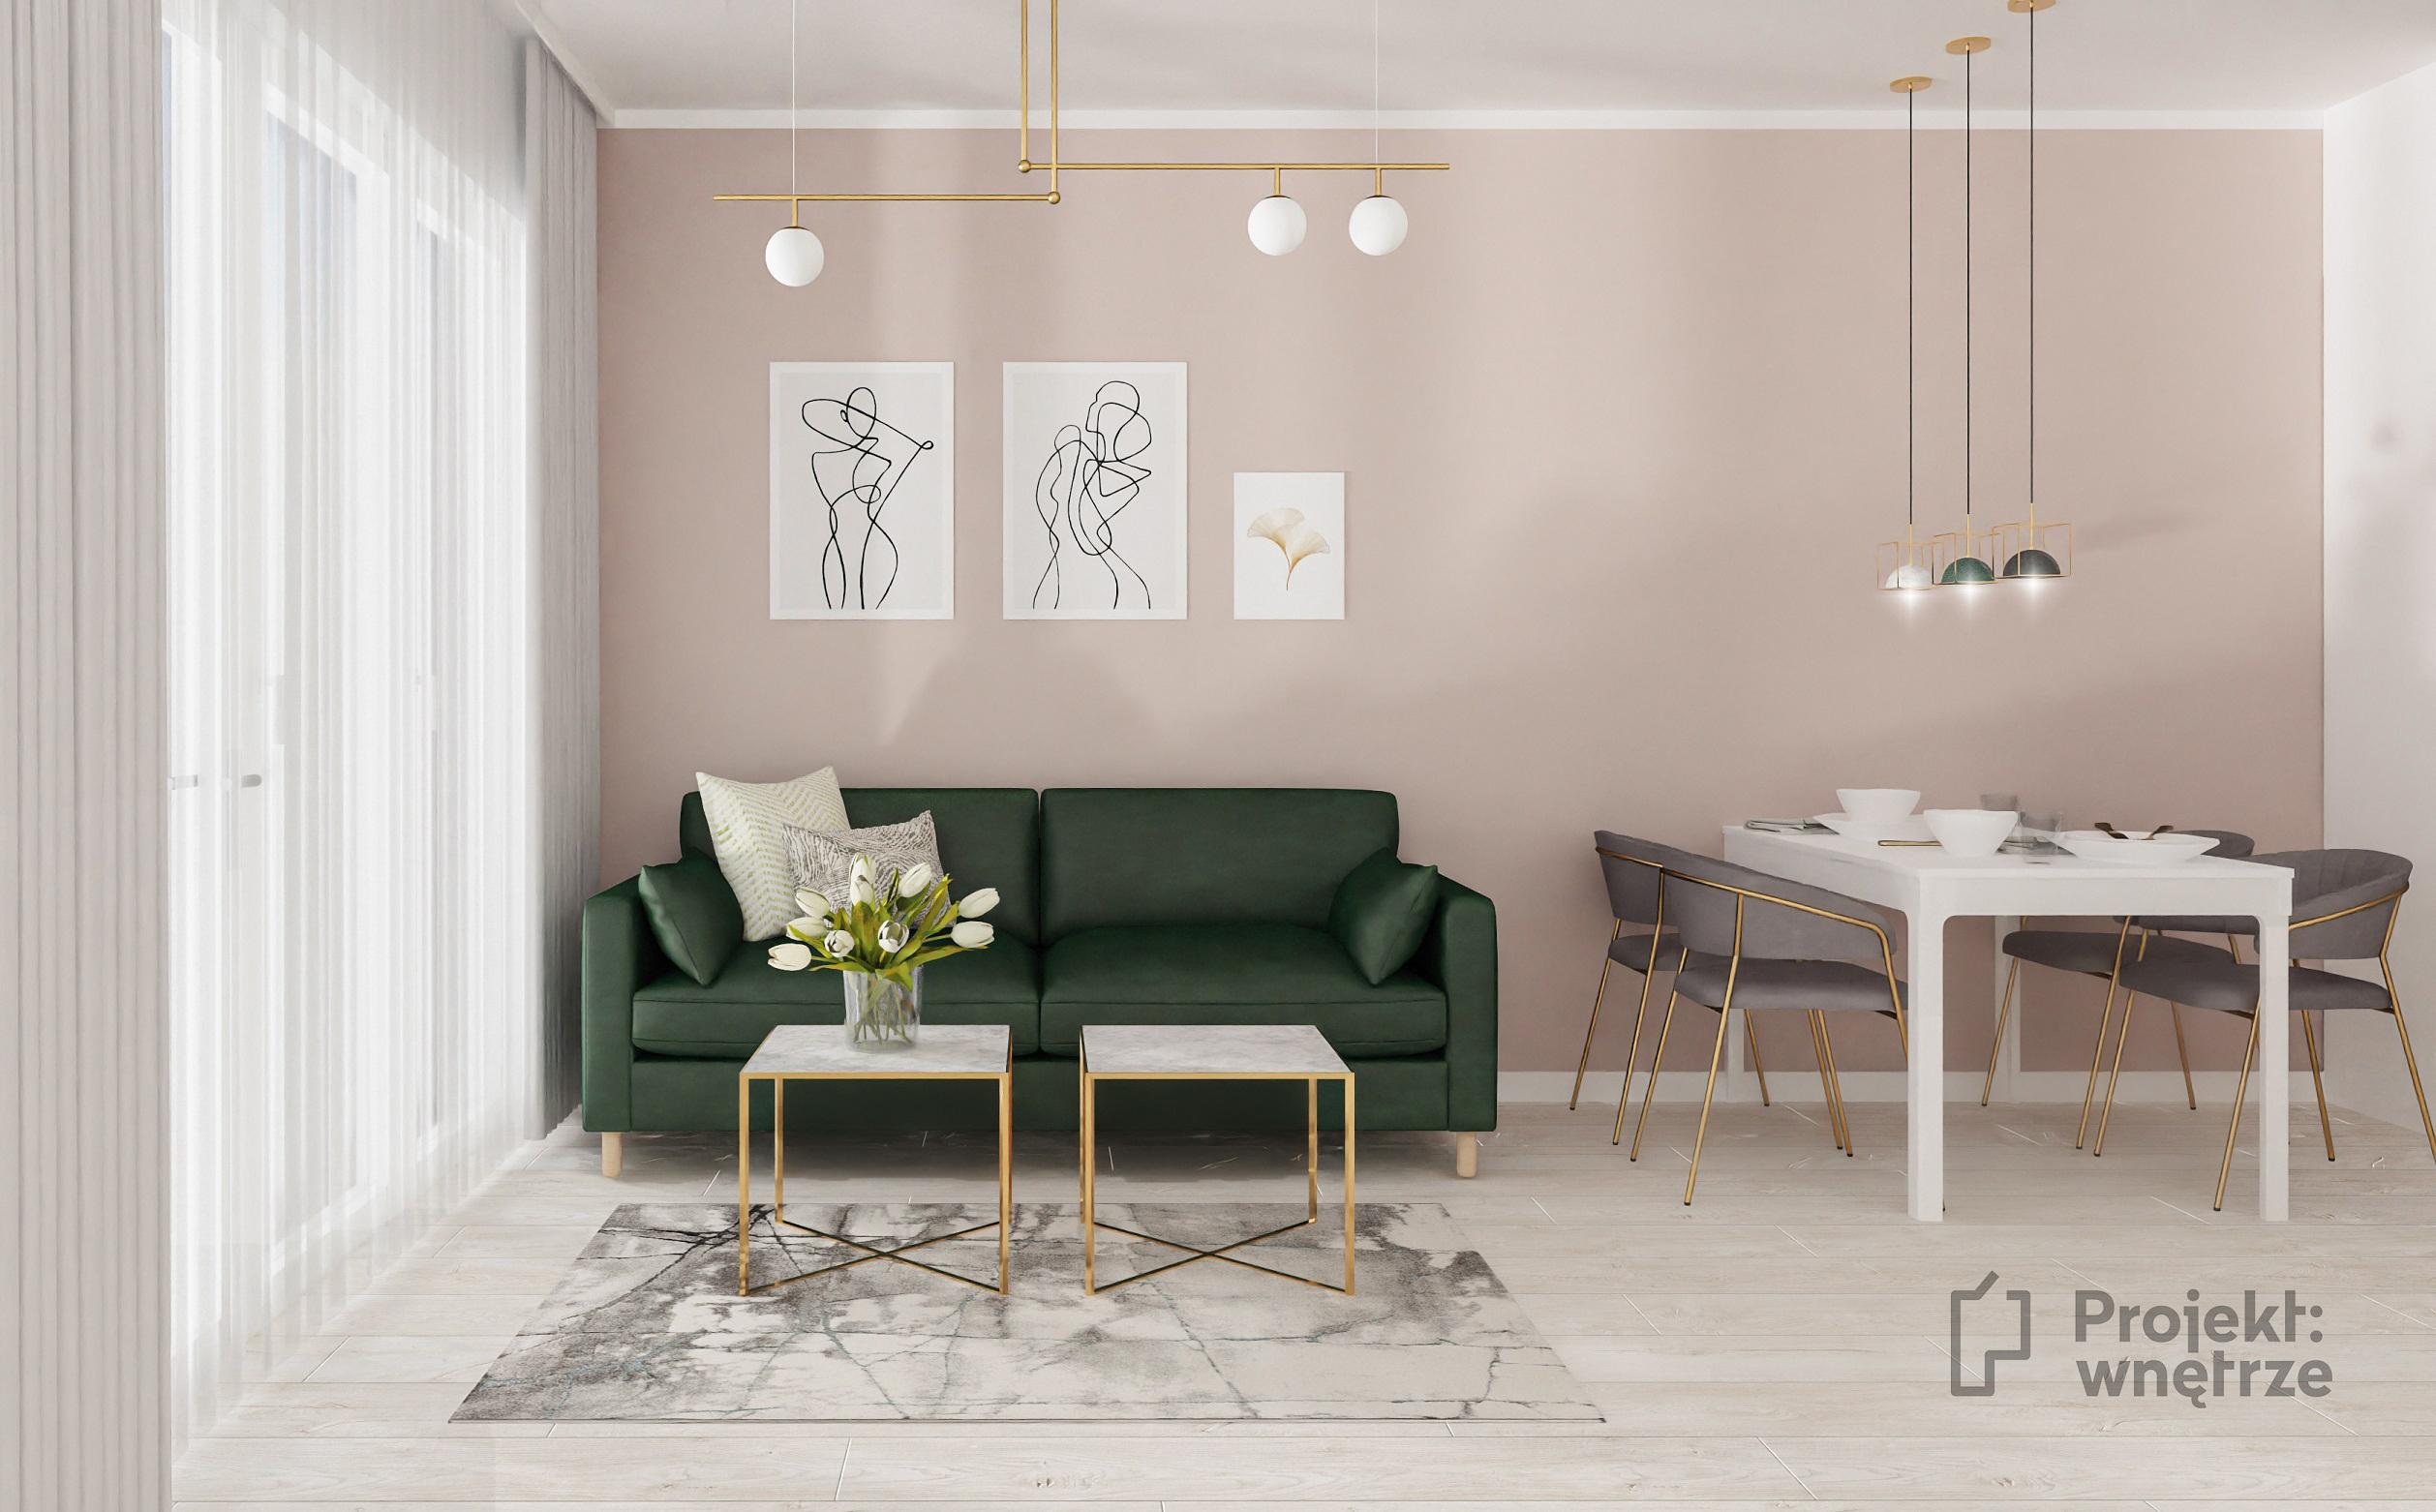 Różowa ściana, zielona kanapa, złote akcenty i szarość - projekt kobiecego mieszkania PROJEKT WNĘTRZE www.projektwnetrze.com.pl